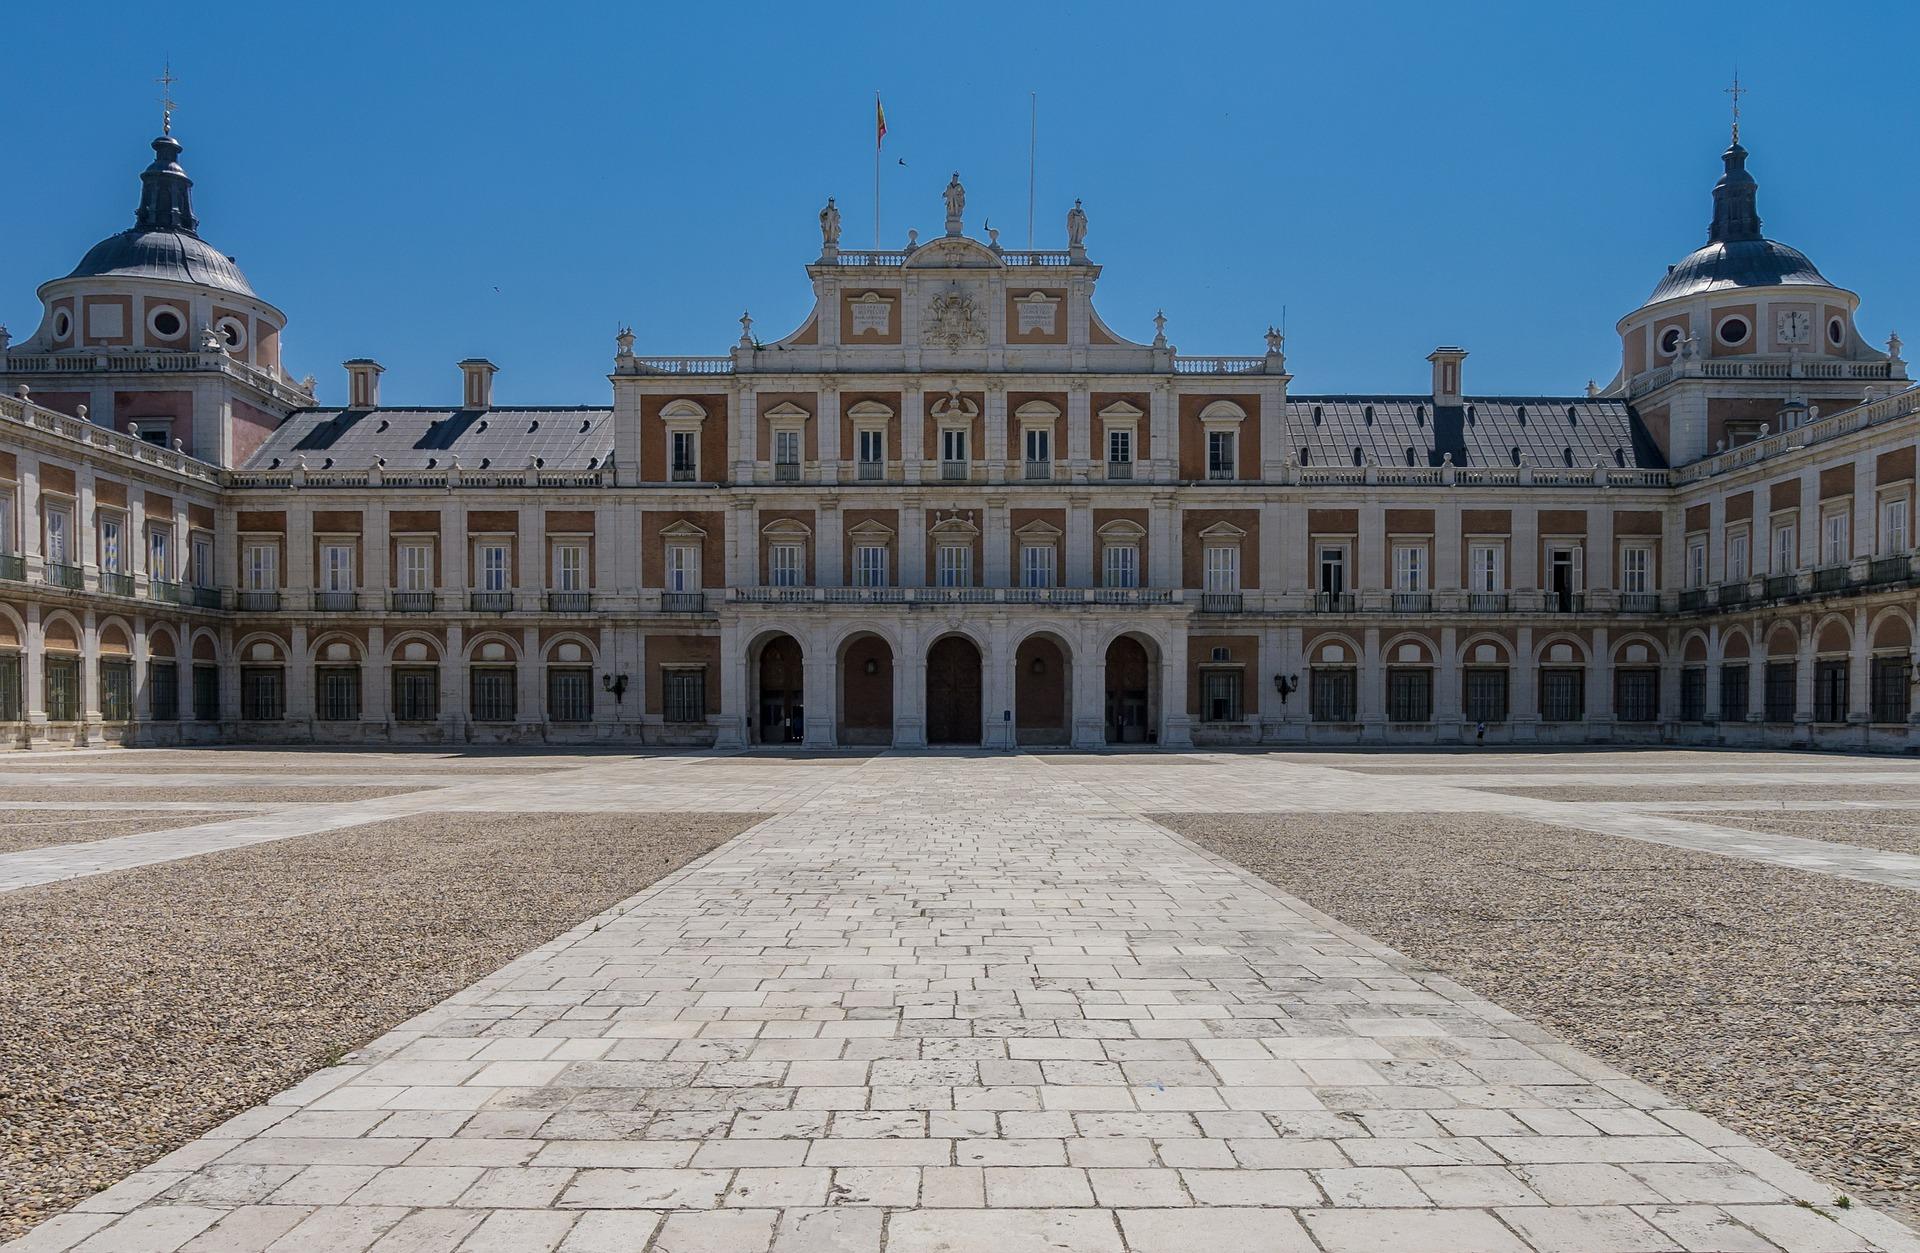 One the bucket list: Madrid, Spain